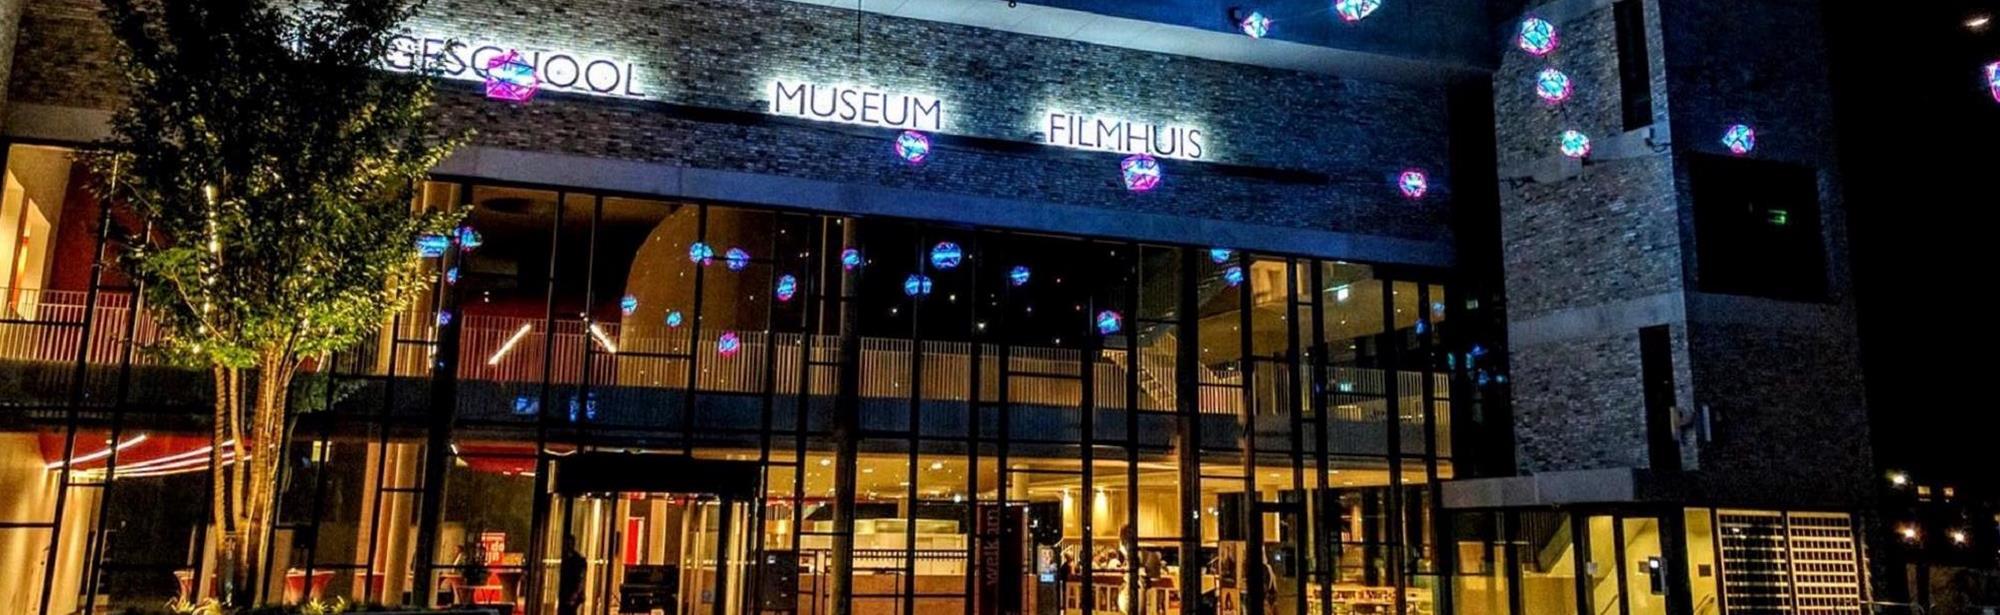 Filmhuis De Domijnen